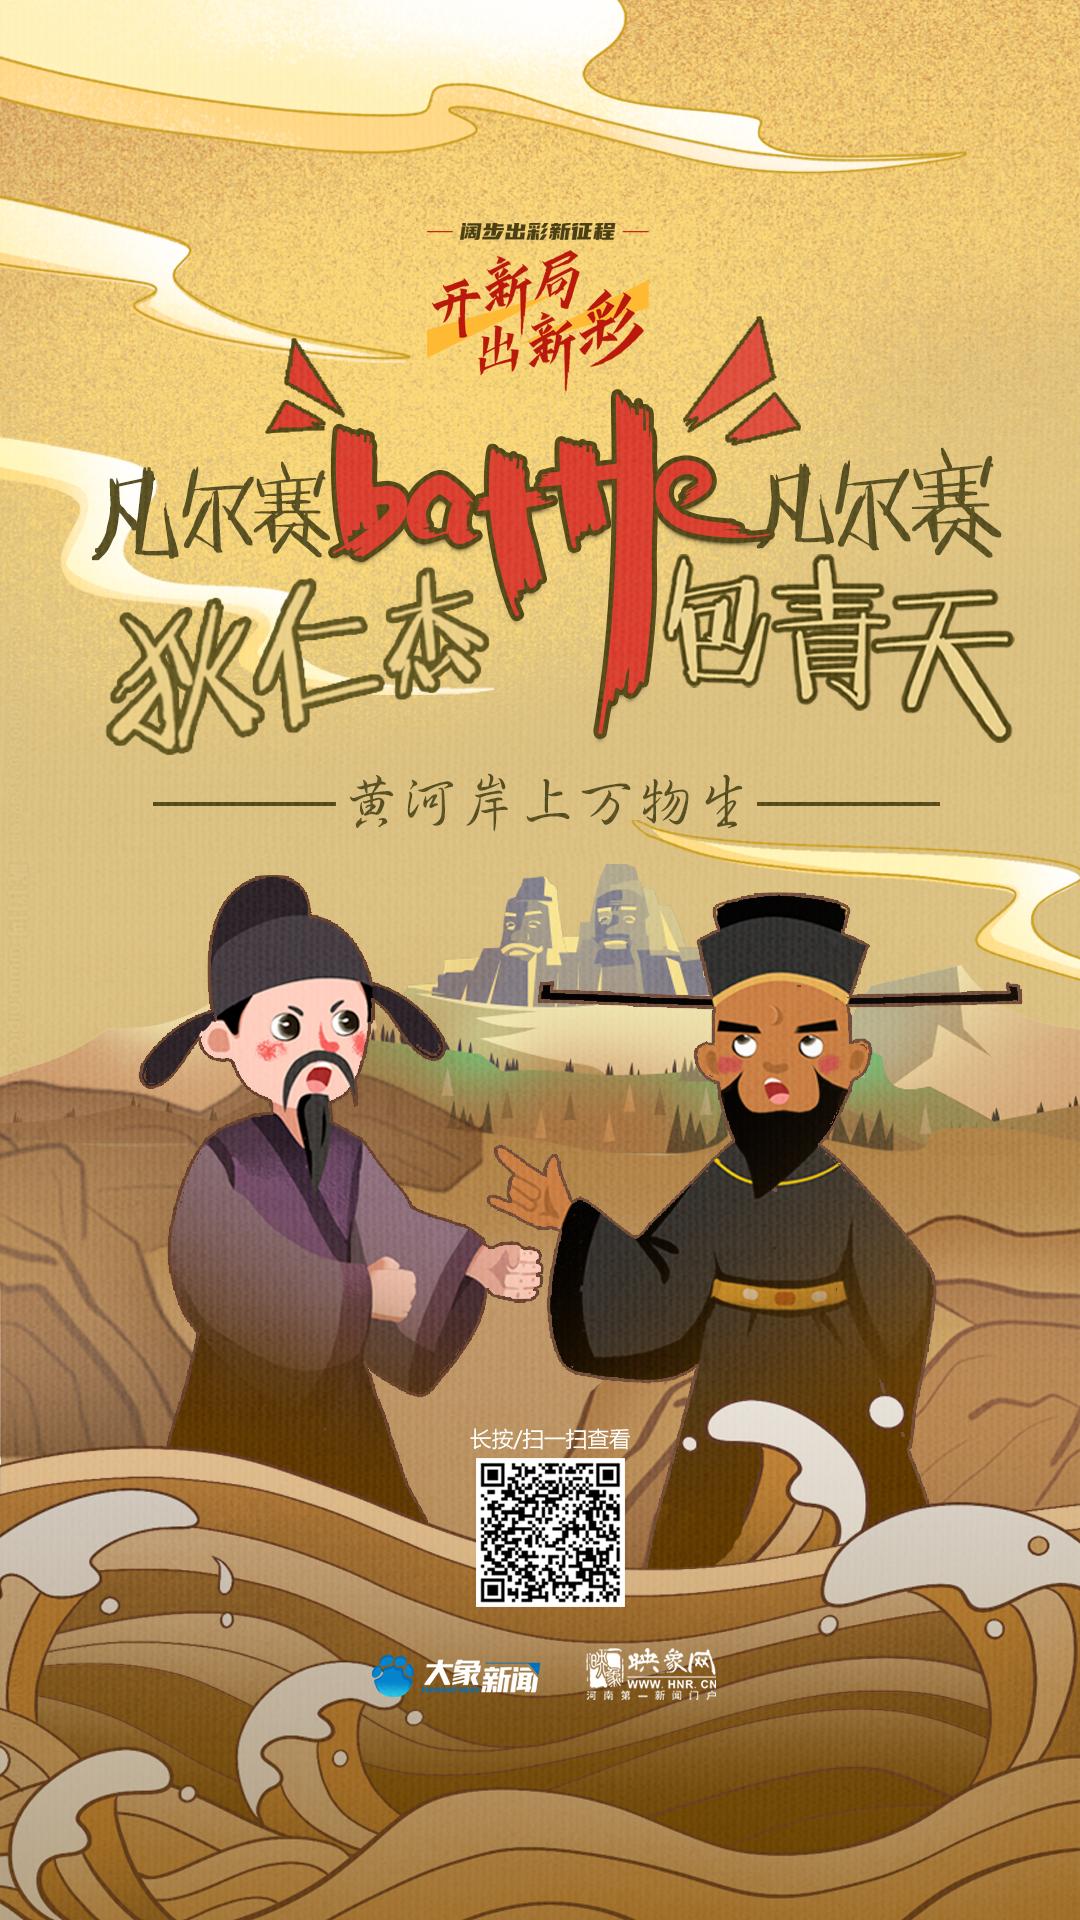 动漫H5|黄河岸上万物生:凡尔赛·狄仁杰Battle凡尔赛·包青天